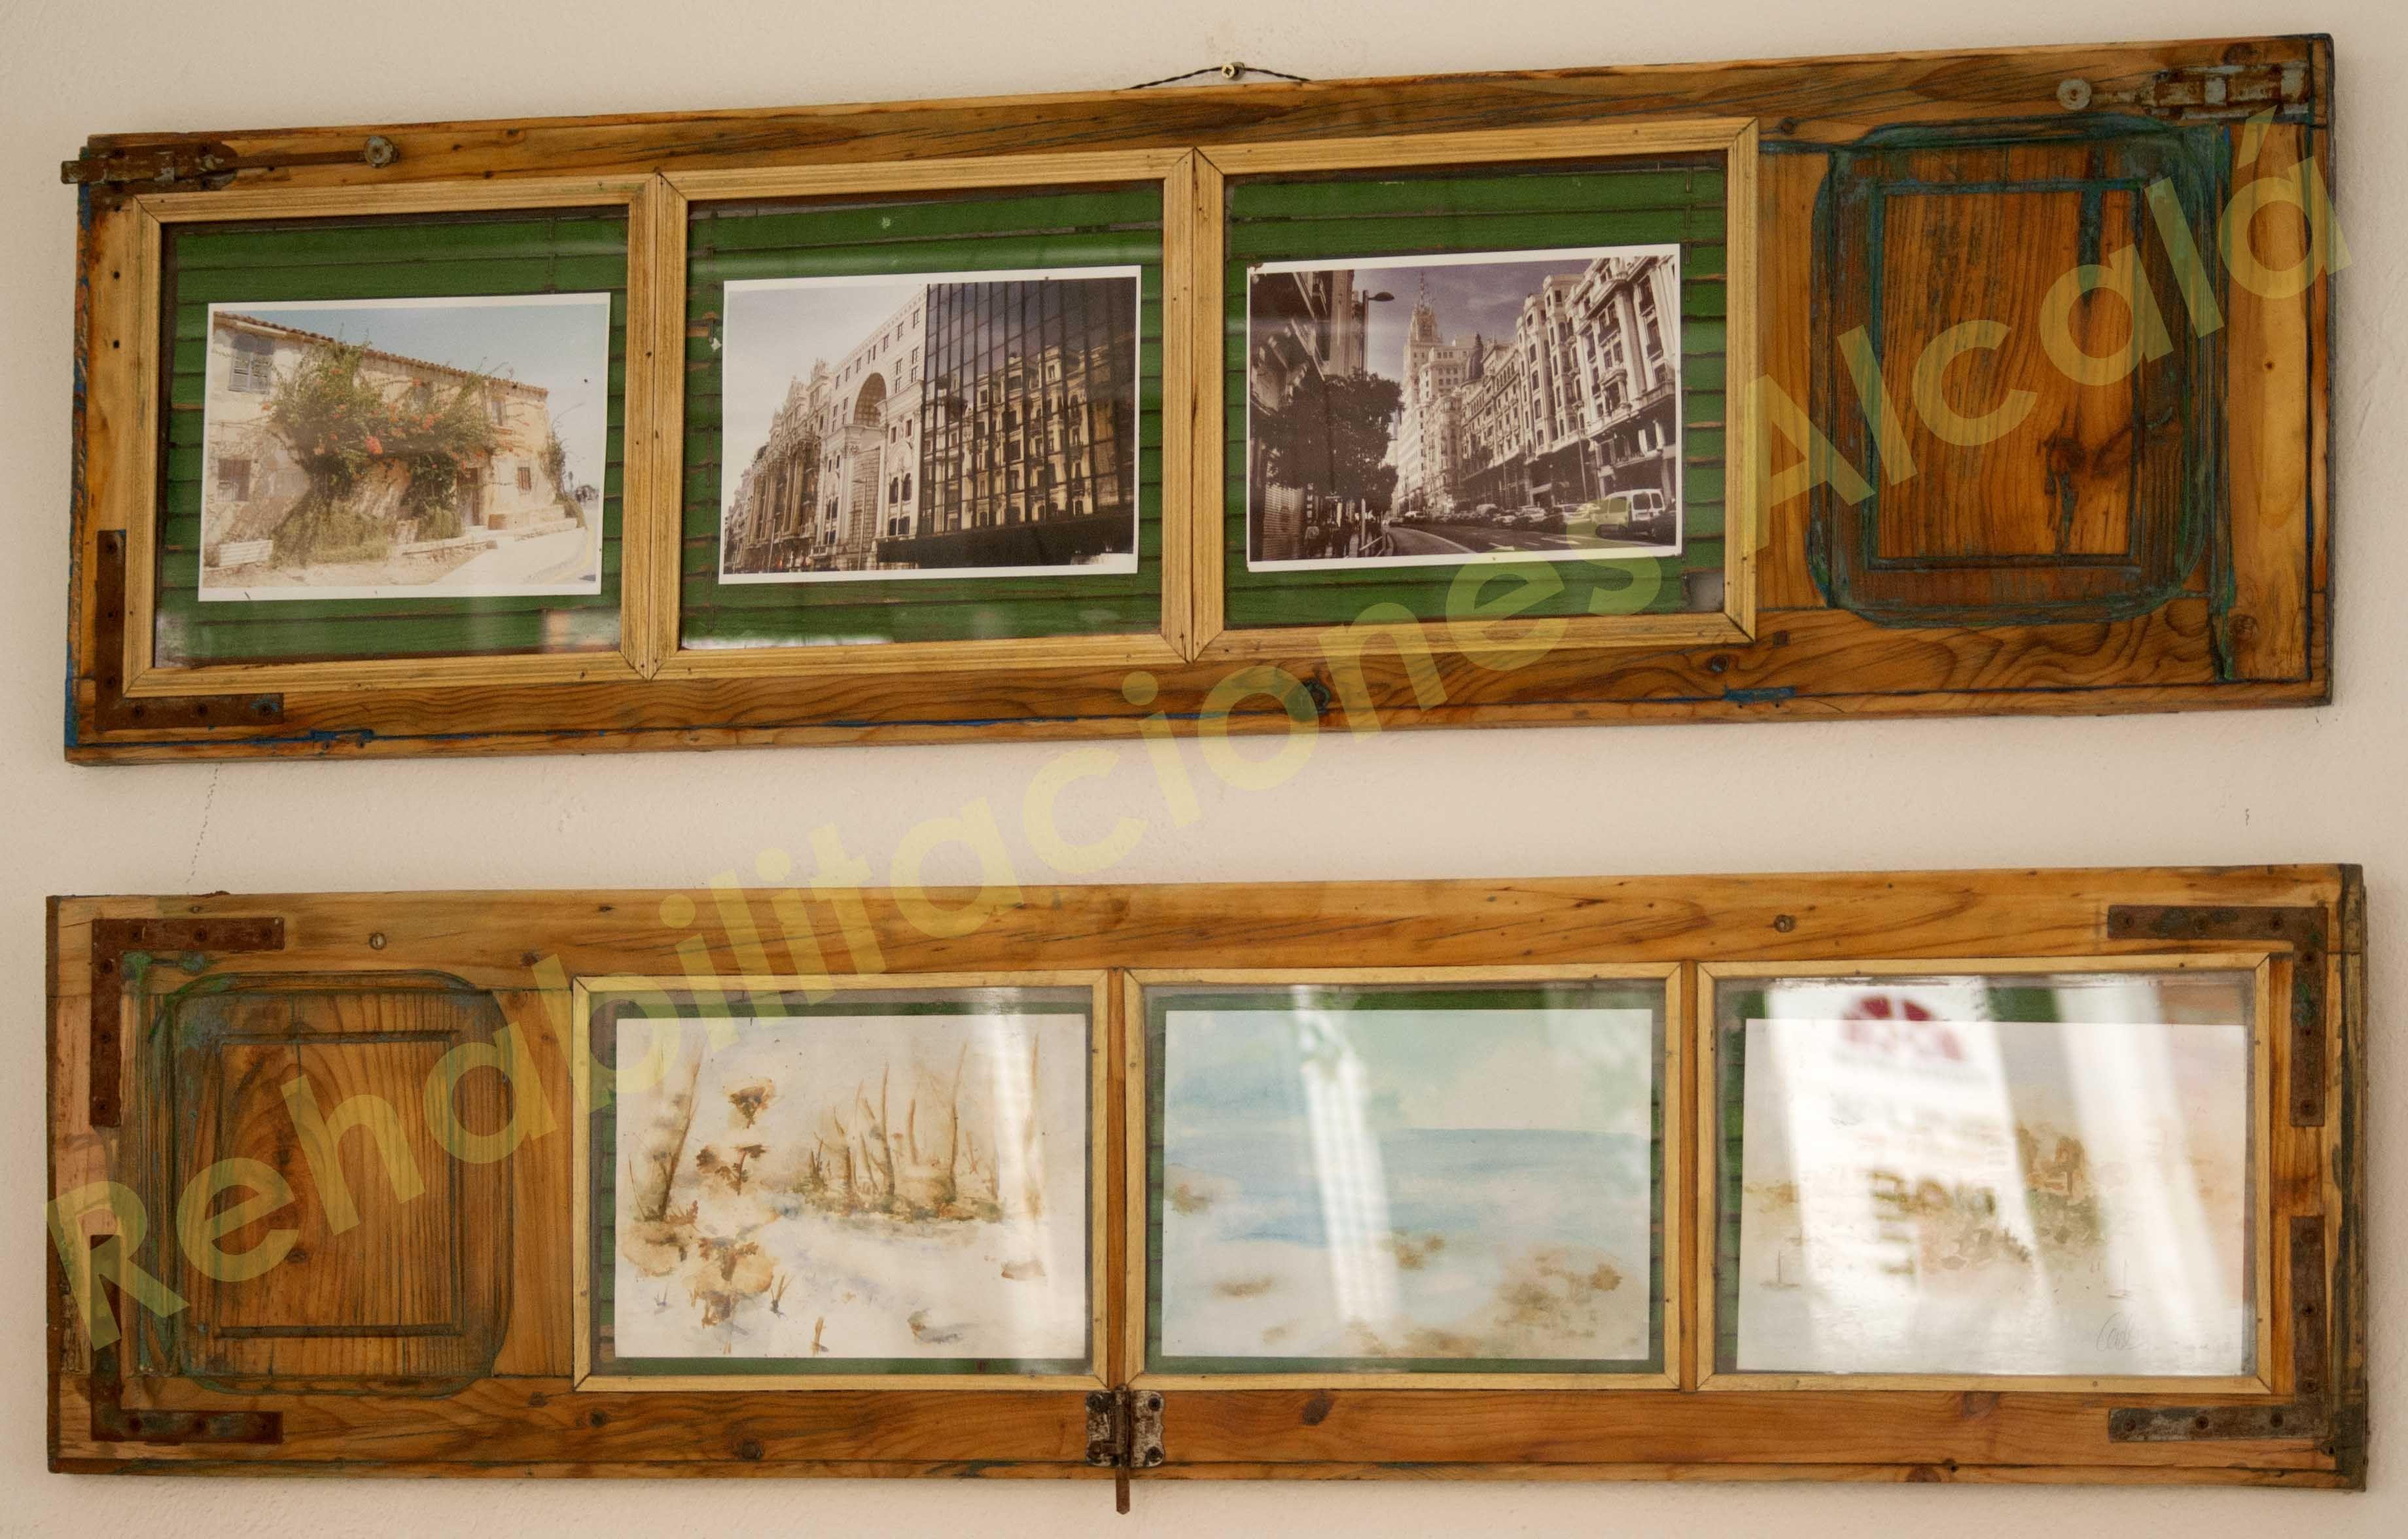 Reciclando ventanas. Marco para cuadros. DIY | Decoración ...